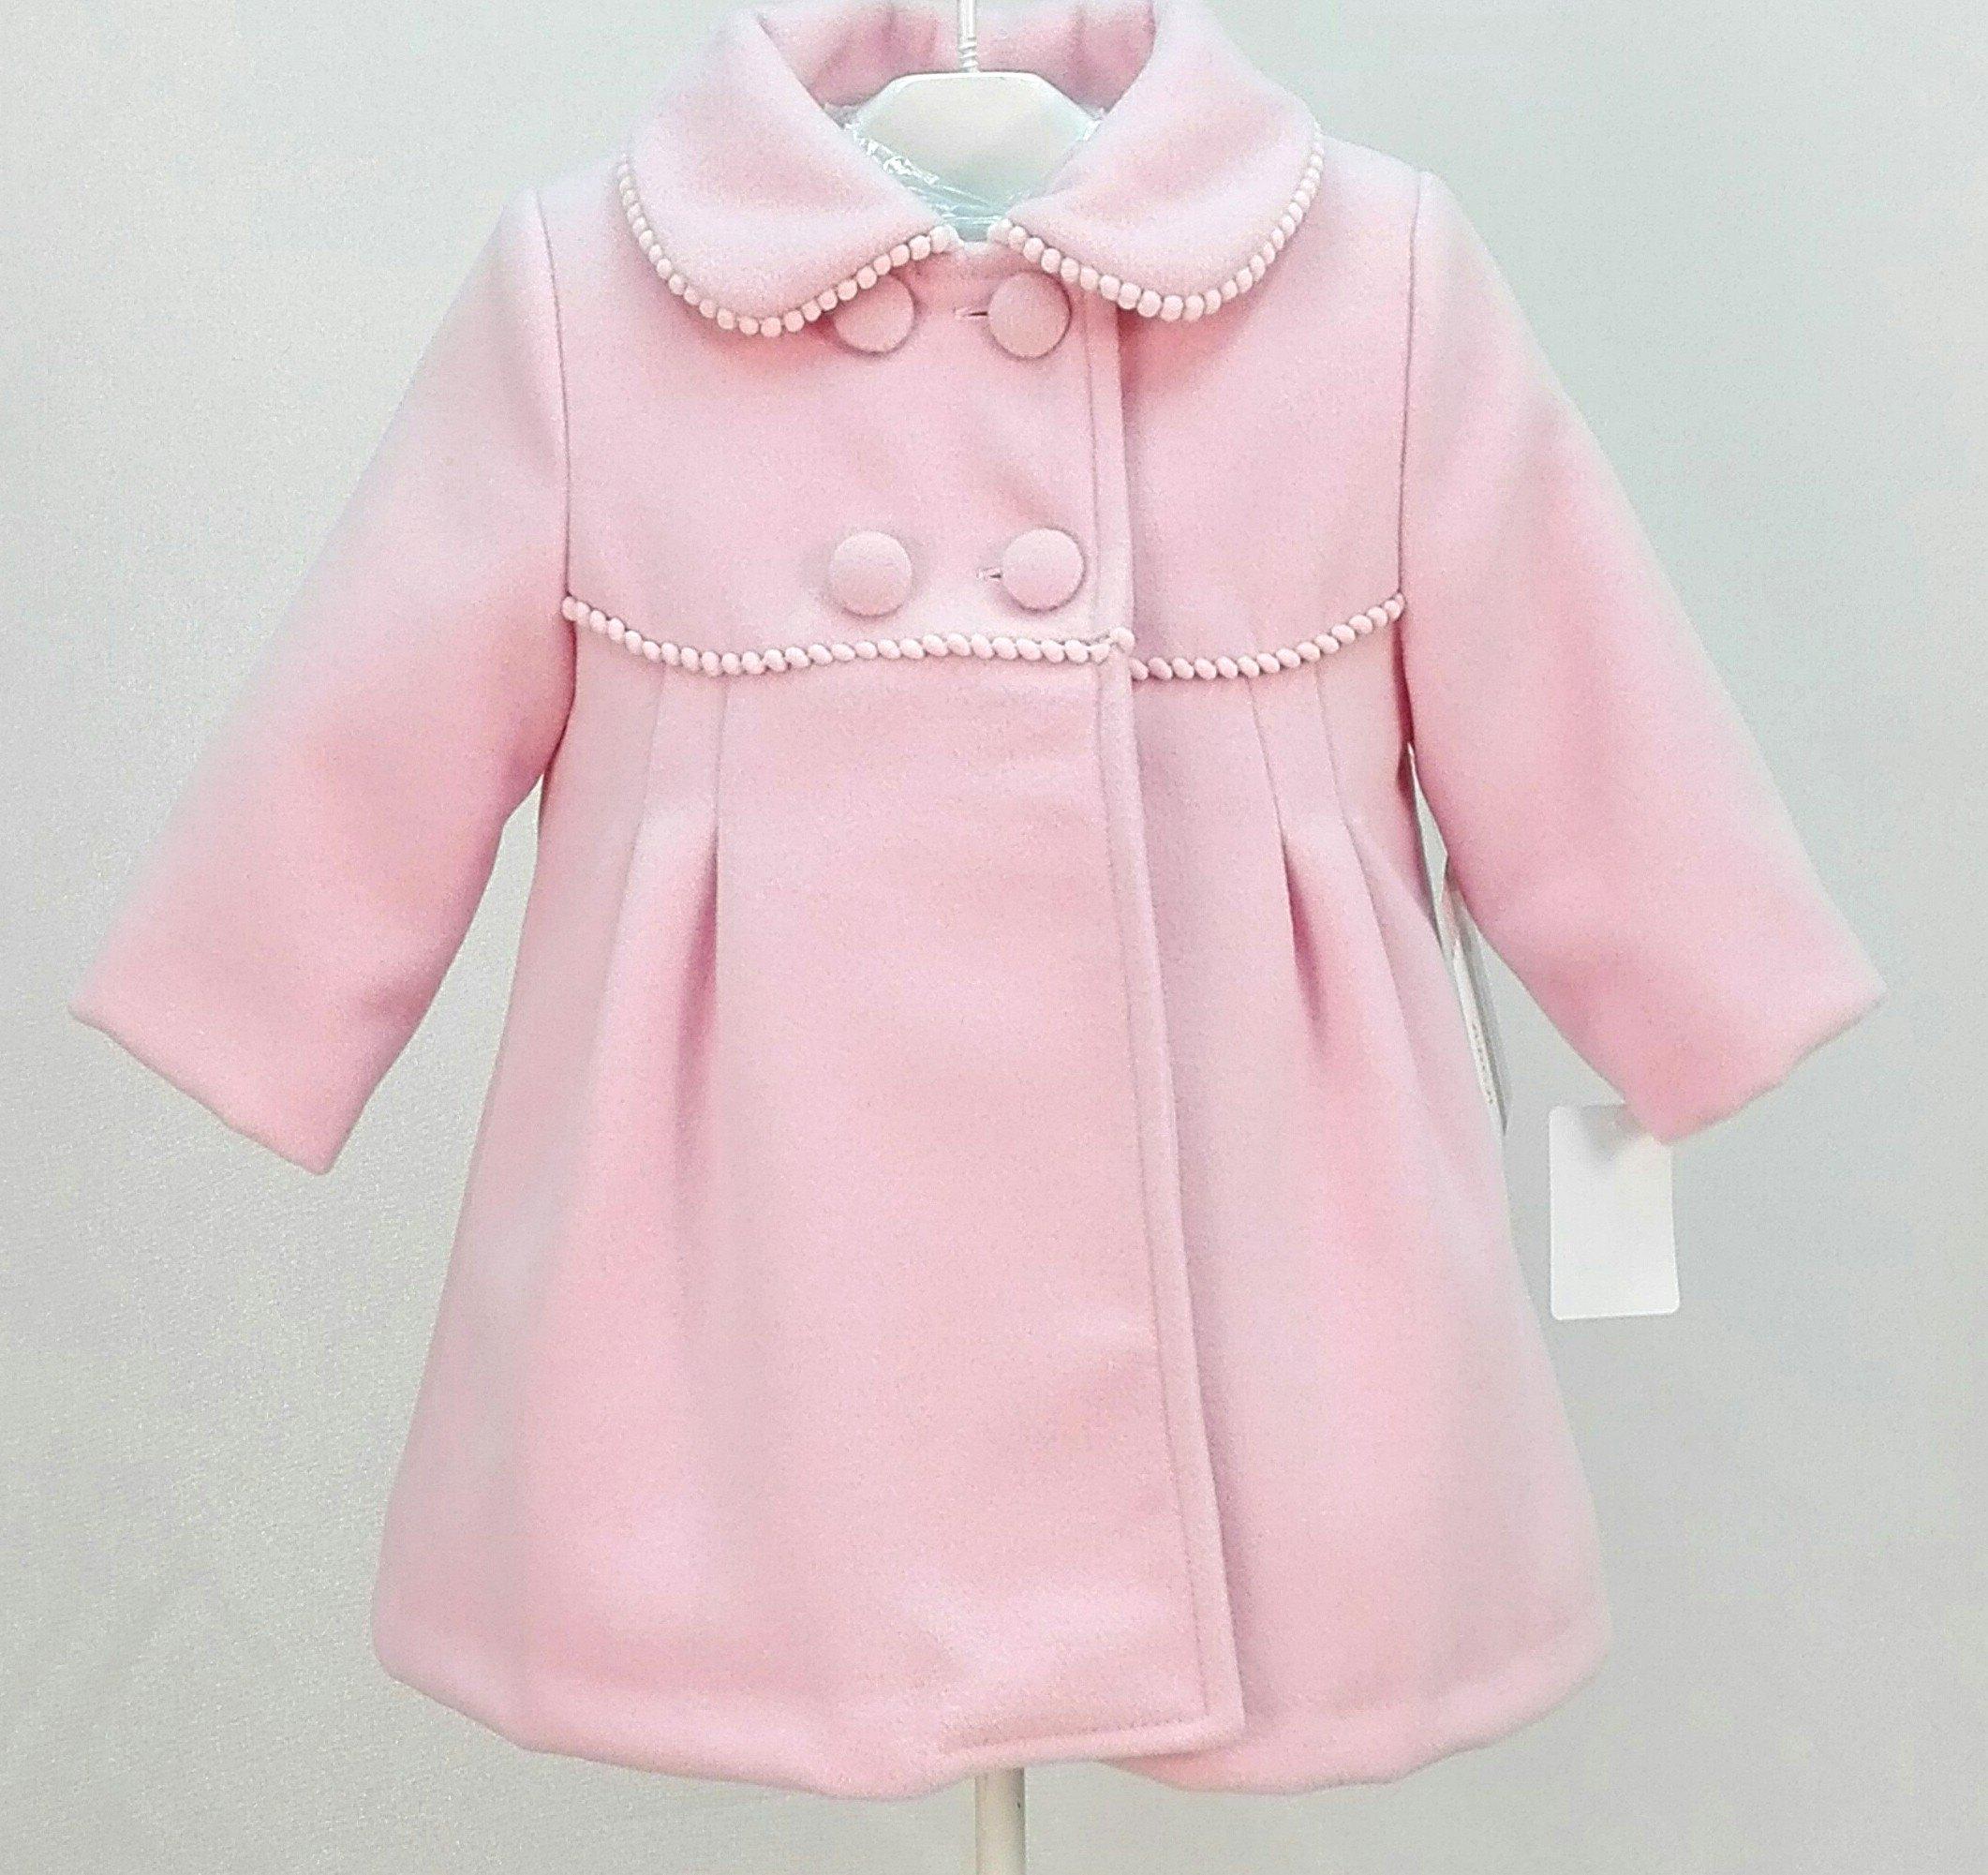 a221c30e3 Abrigo bebe rosa - Arca Boutique Infantil-Juvenil